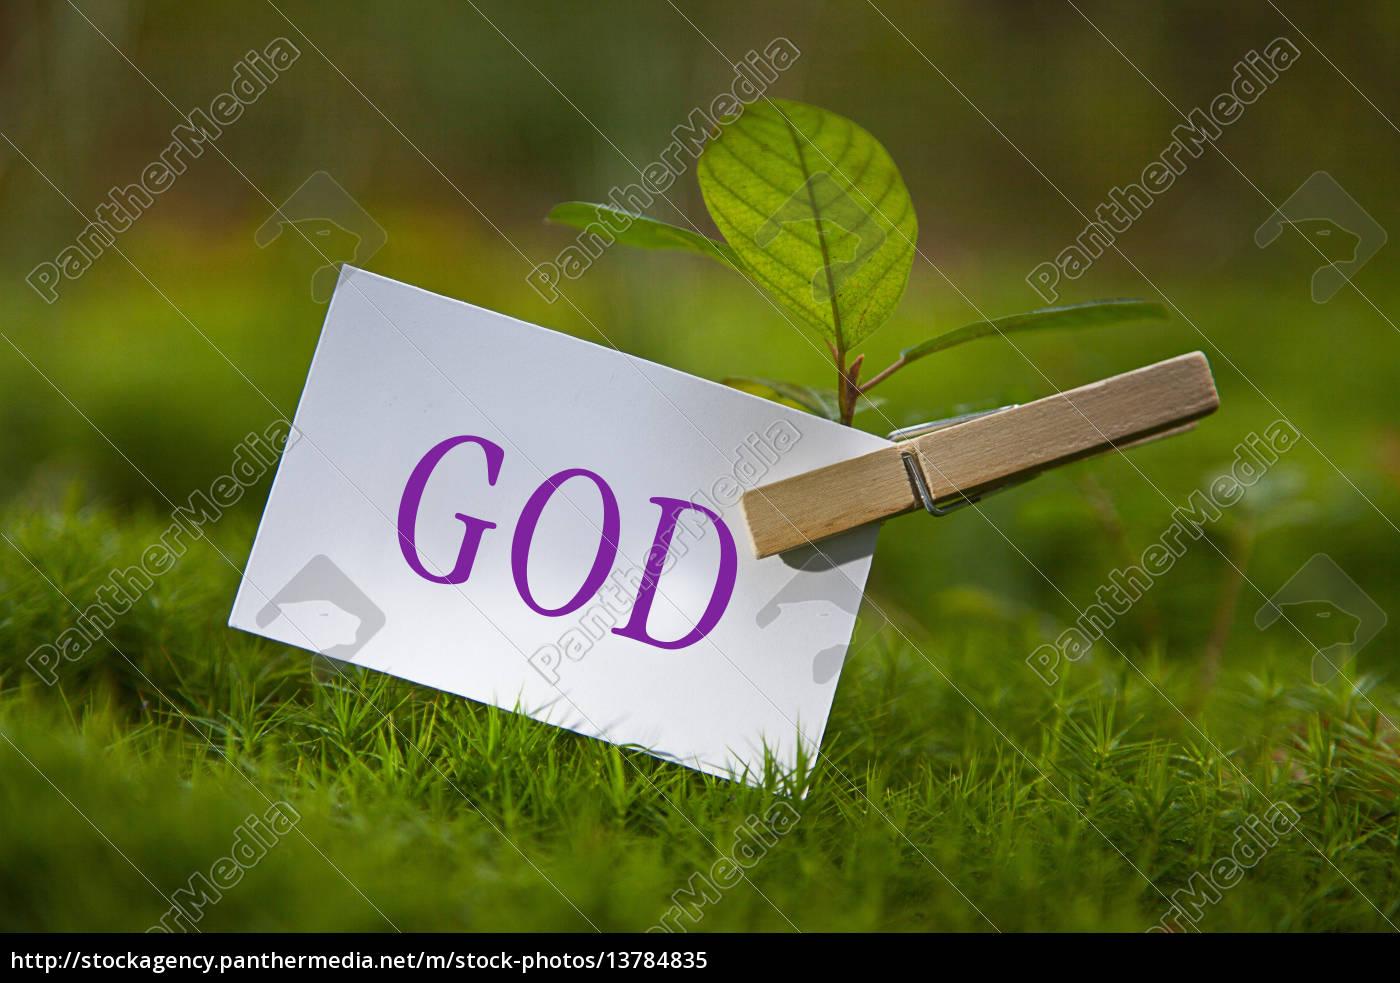 god - 13784835